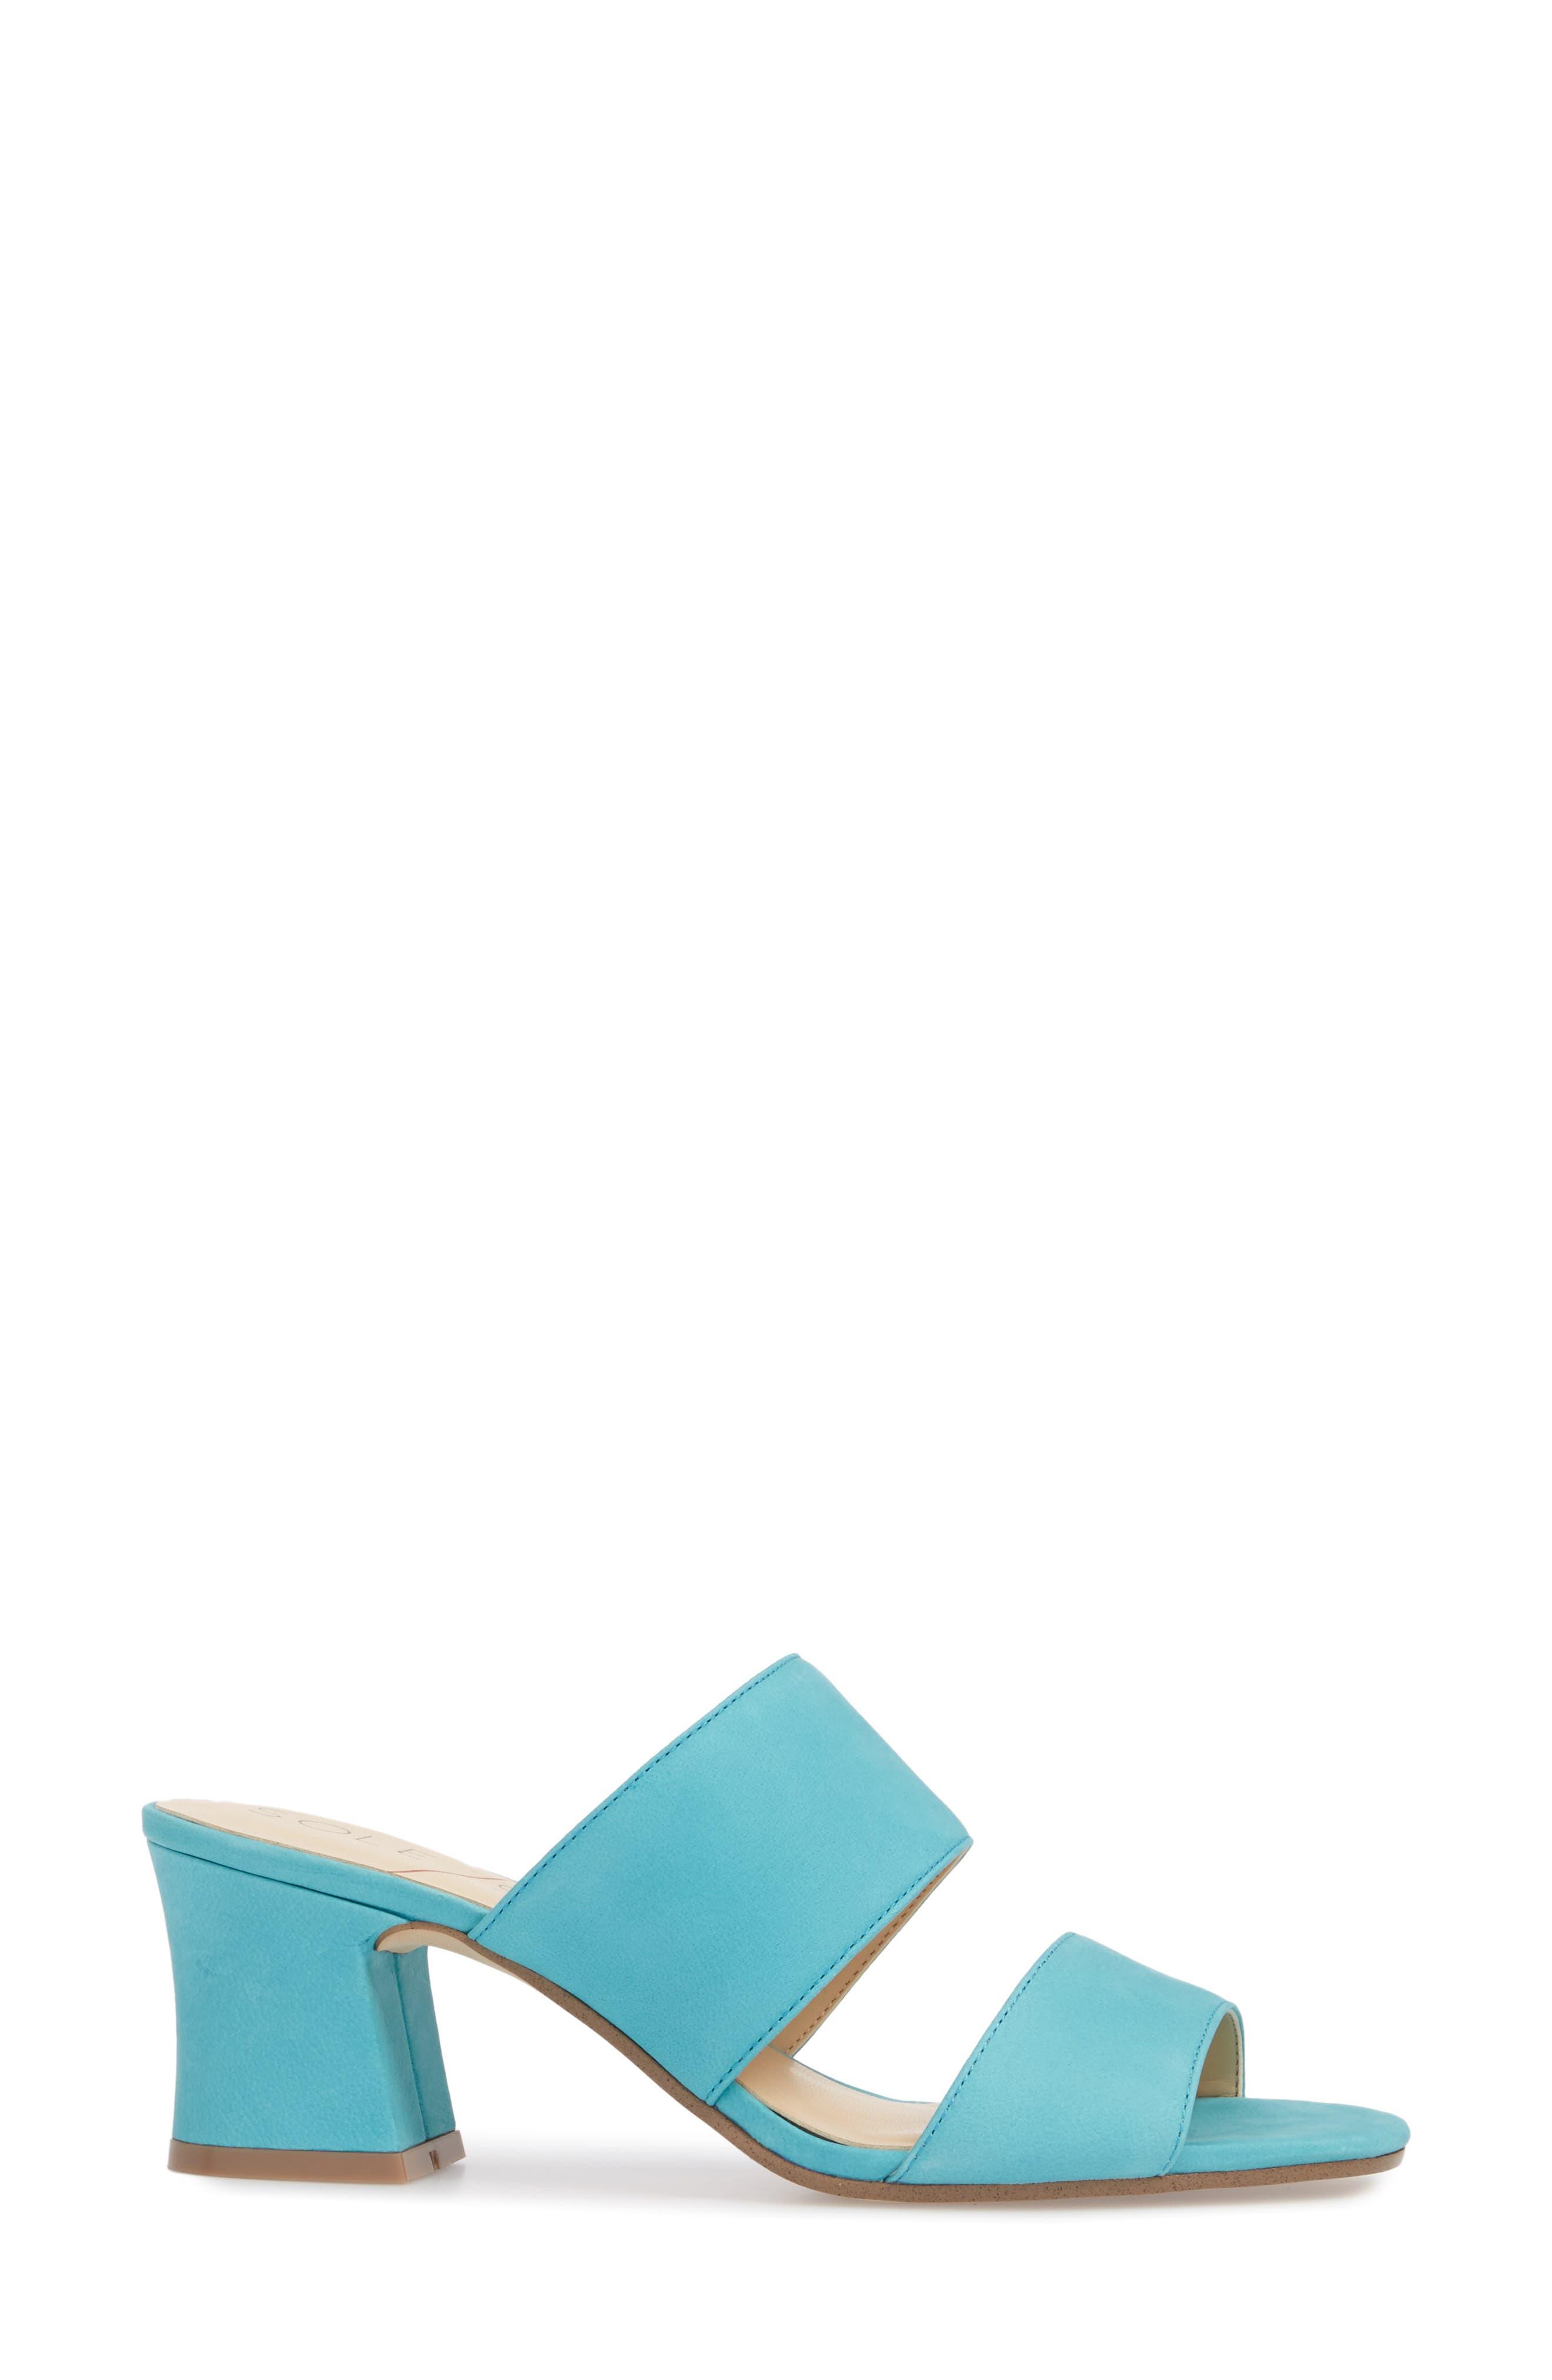 Heline Slide Sandal,                             Alternate thumbnail 7, color,